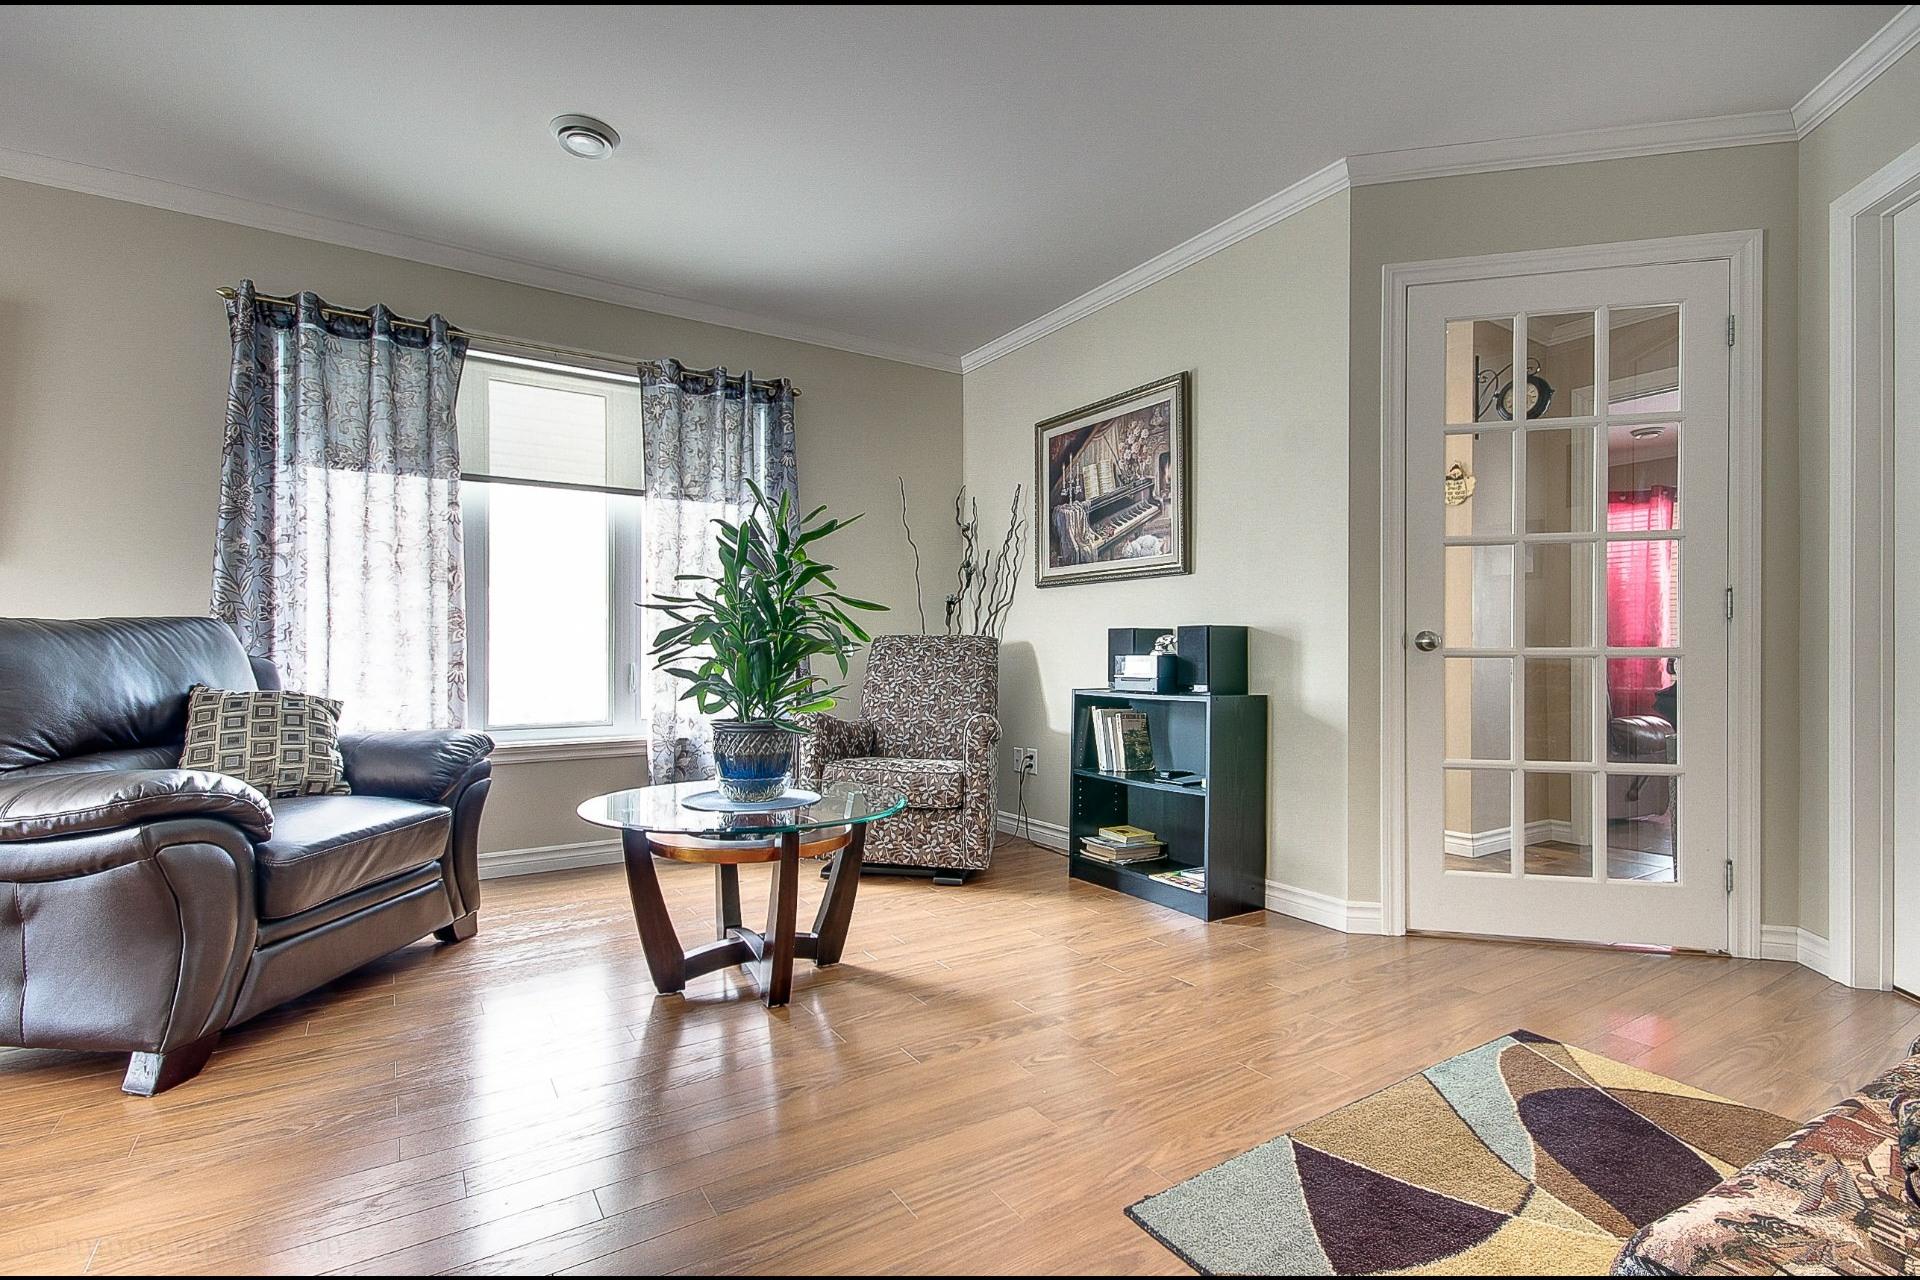 image 4 - Appartement À vendre Trois-Rivières - 9 pièces